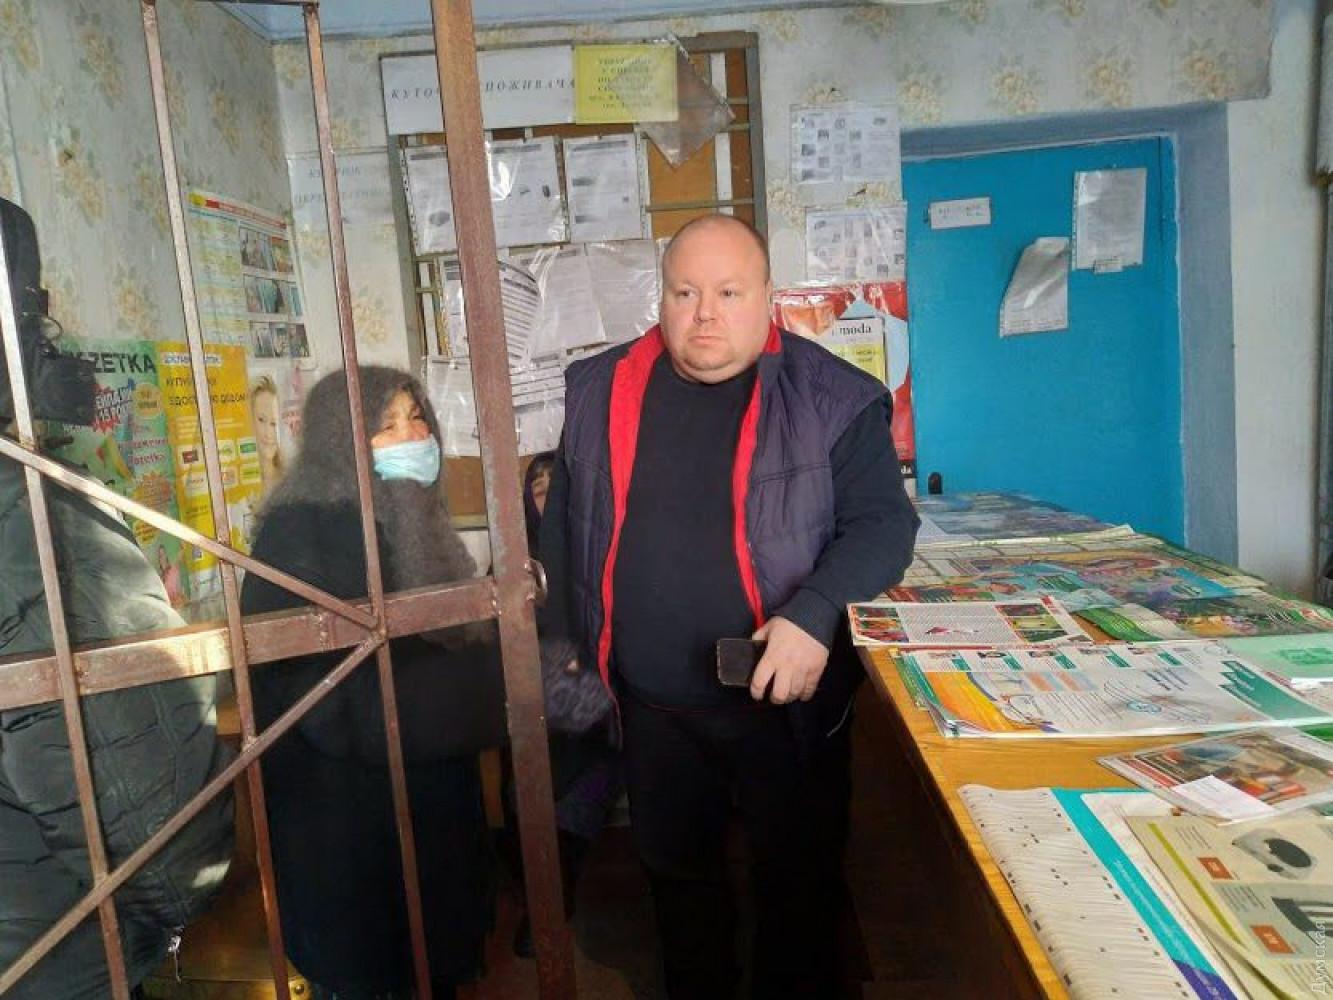 Вселе Одесской области реформа «Укрпочты» оставила людей безпенсий исоцвыплат